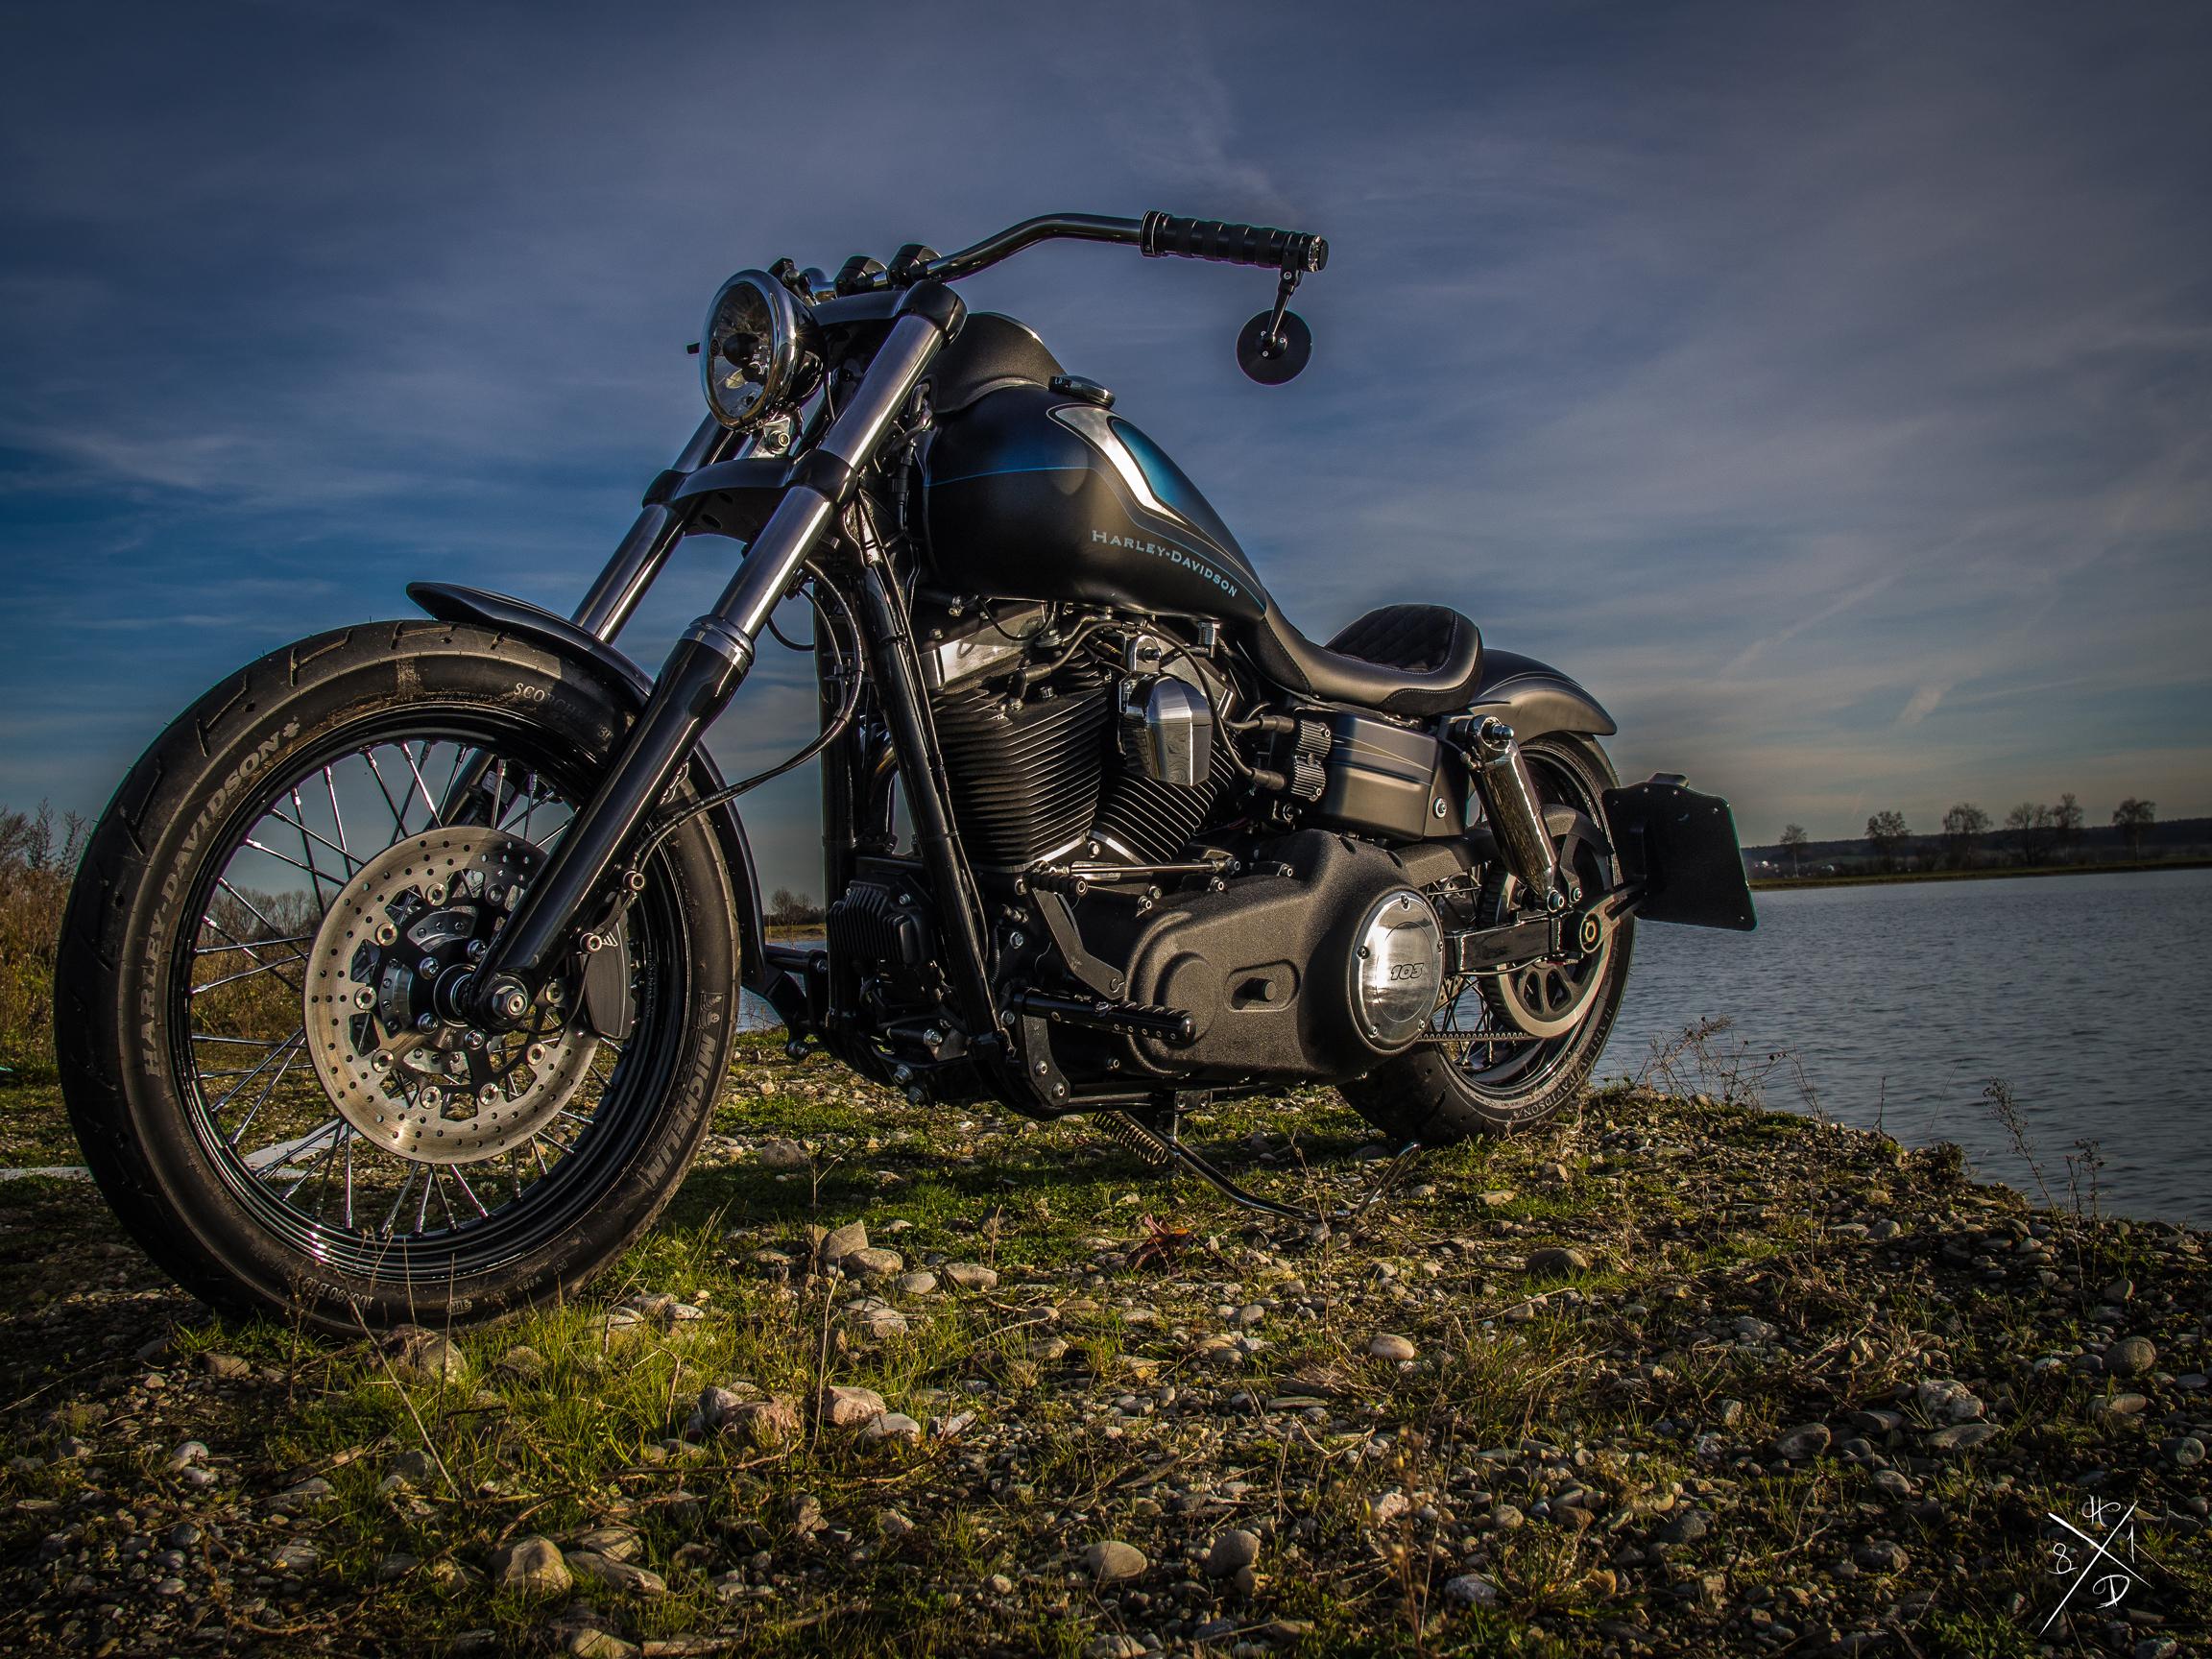 oceanic harley davidsons dyna street bob mit dem gewissen etwas m ller motorcycle ag. Black Bedroom Furniture Sets. Home Design Ideas